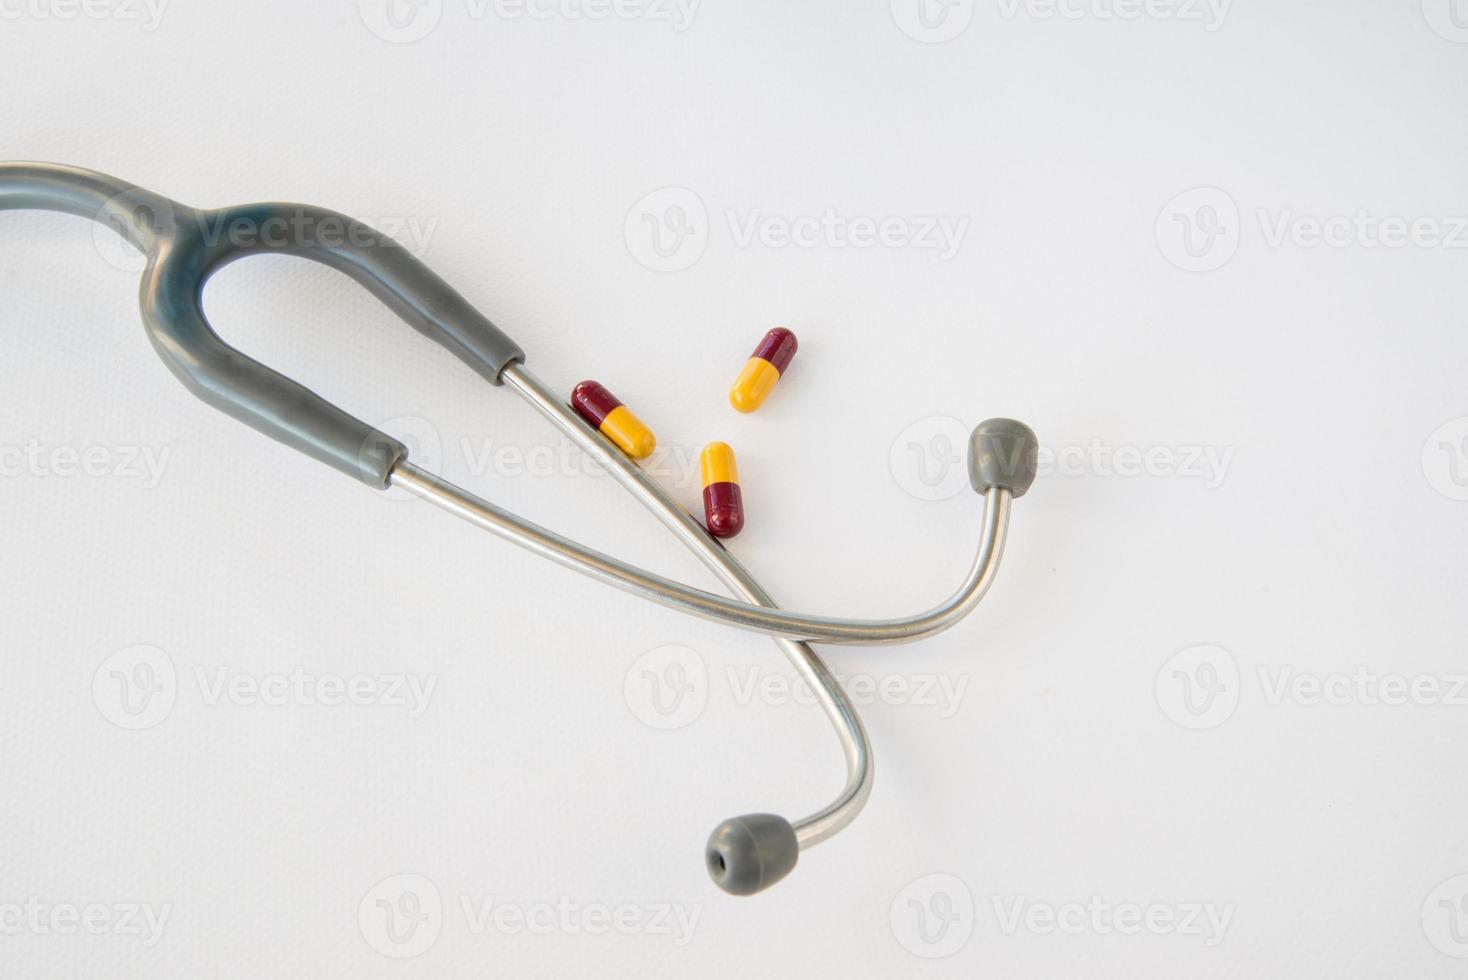 stetoskop och piller på vit bakgrund. foto